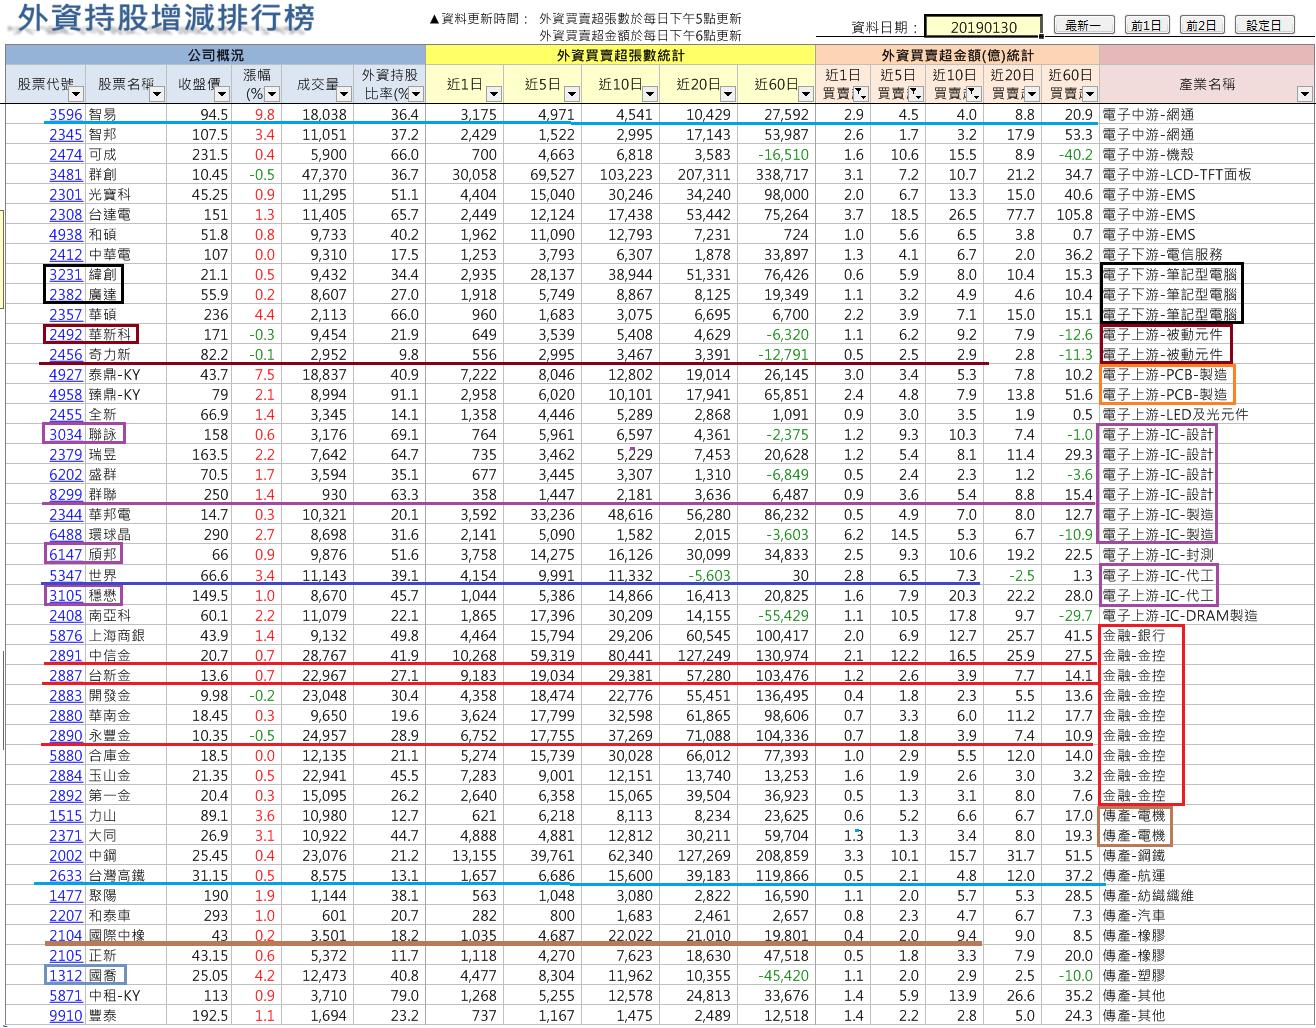 法人年前佈局族群及個股(2019-1-30止)_02